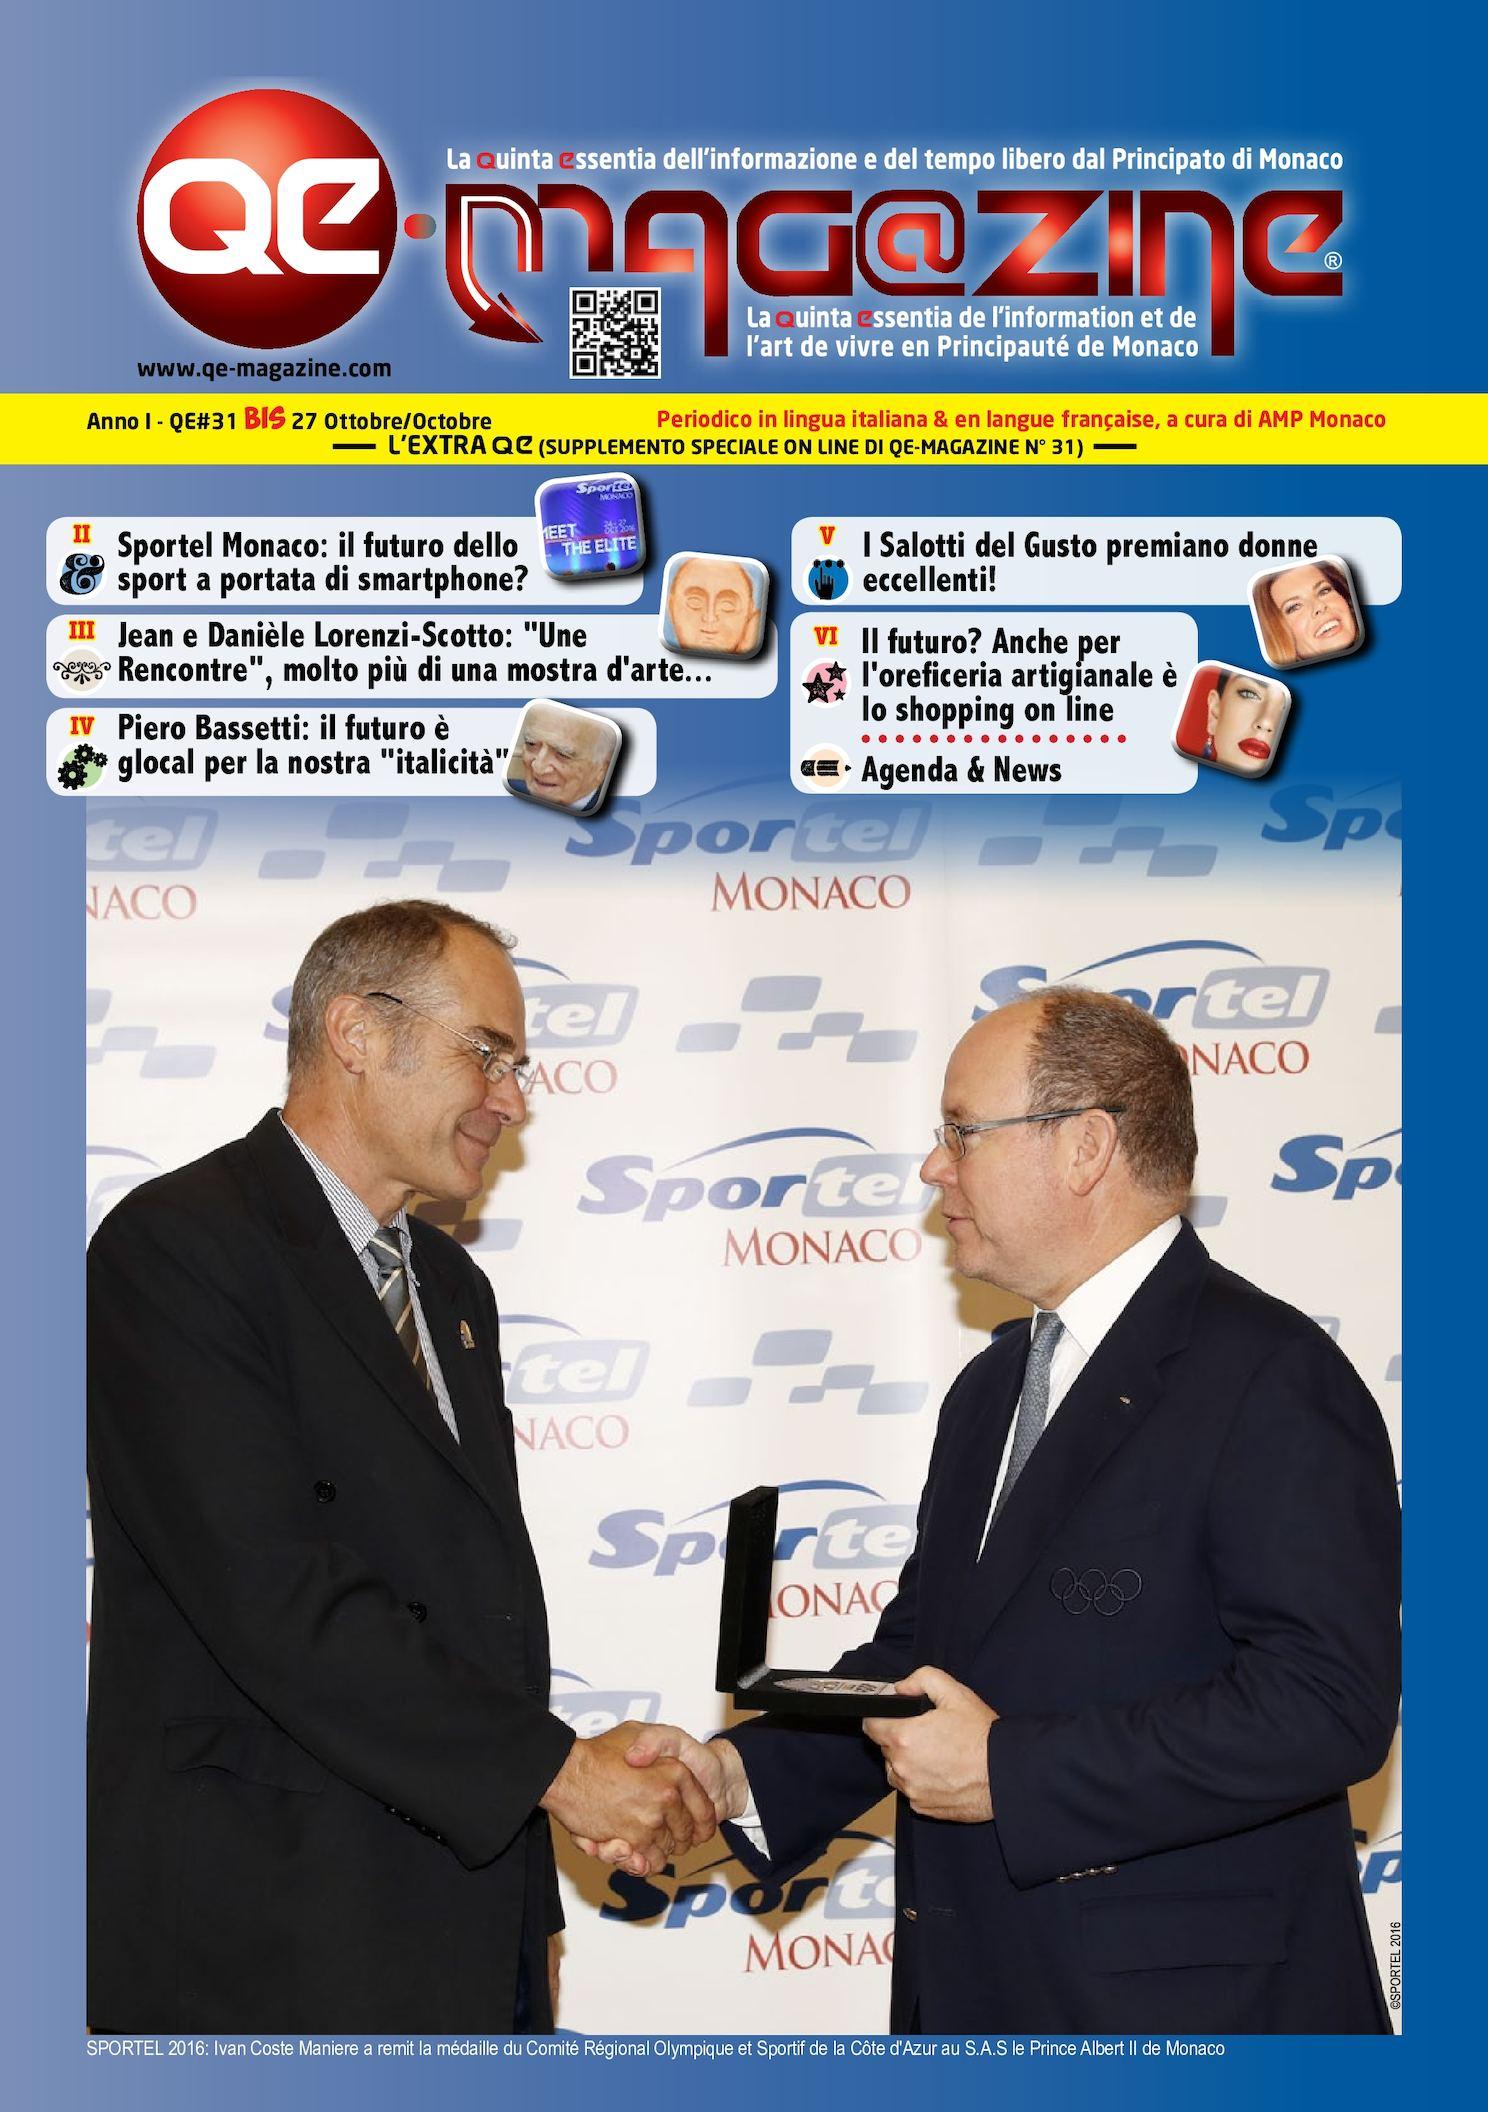 2602650983f4 Calaméo - QE-MAGAZINE  31Bis periodico d informazione dal Principato di  Monaco edito da AMP Monaco